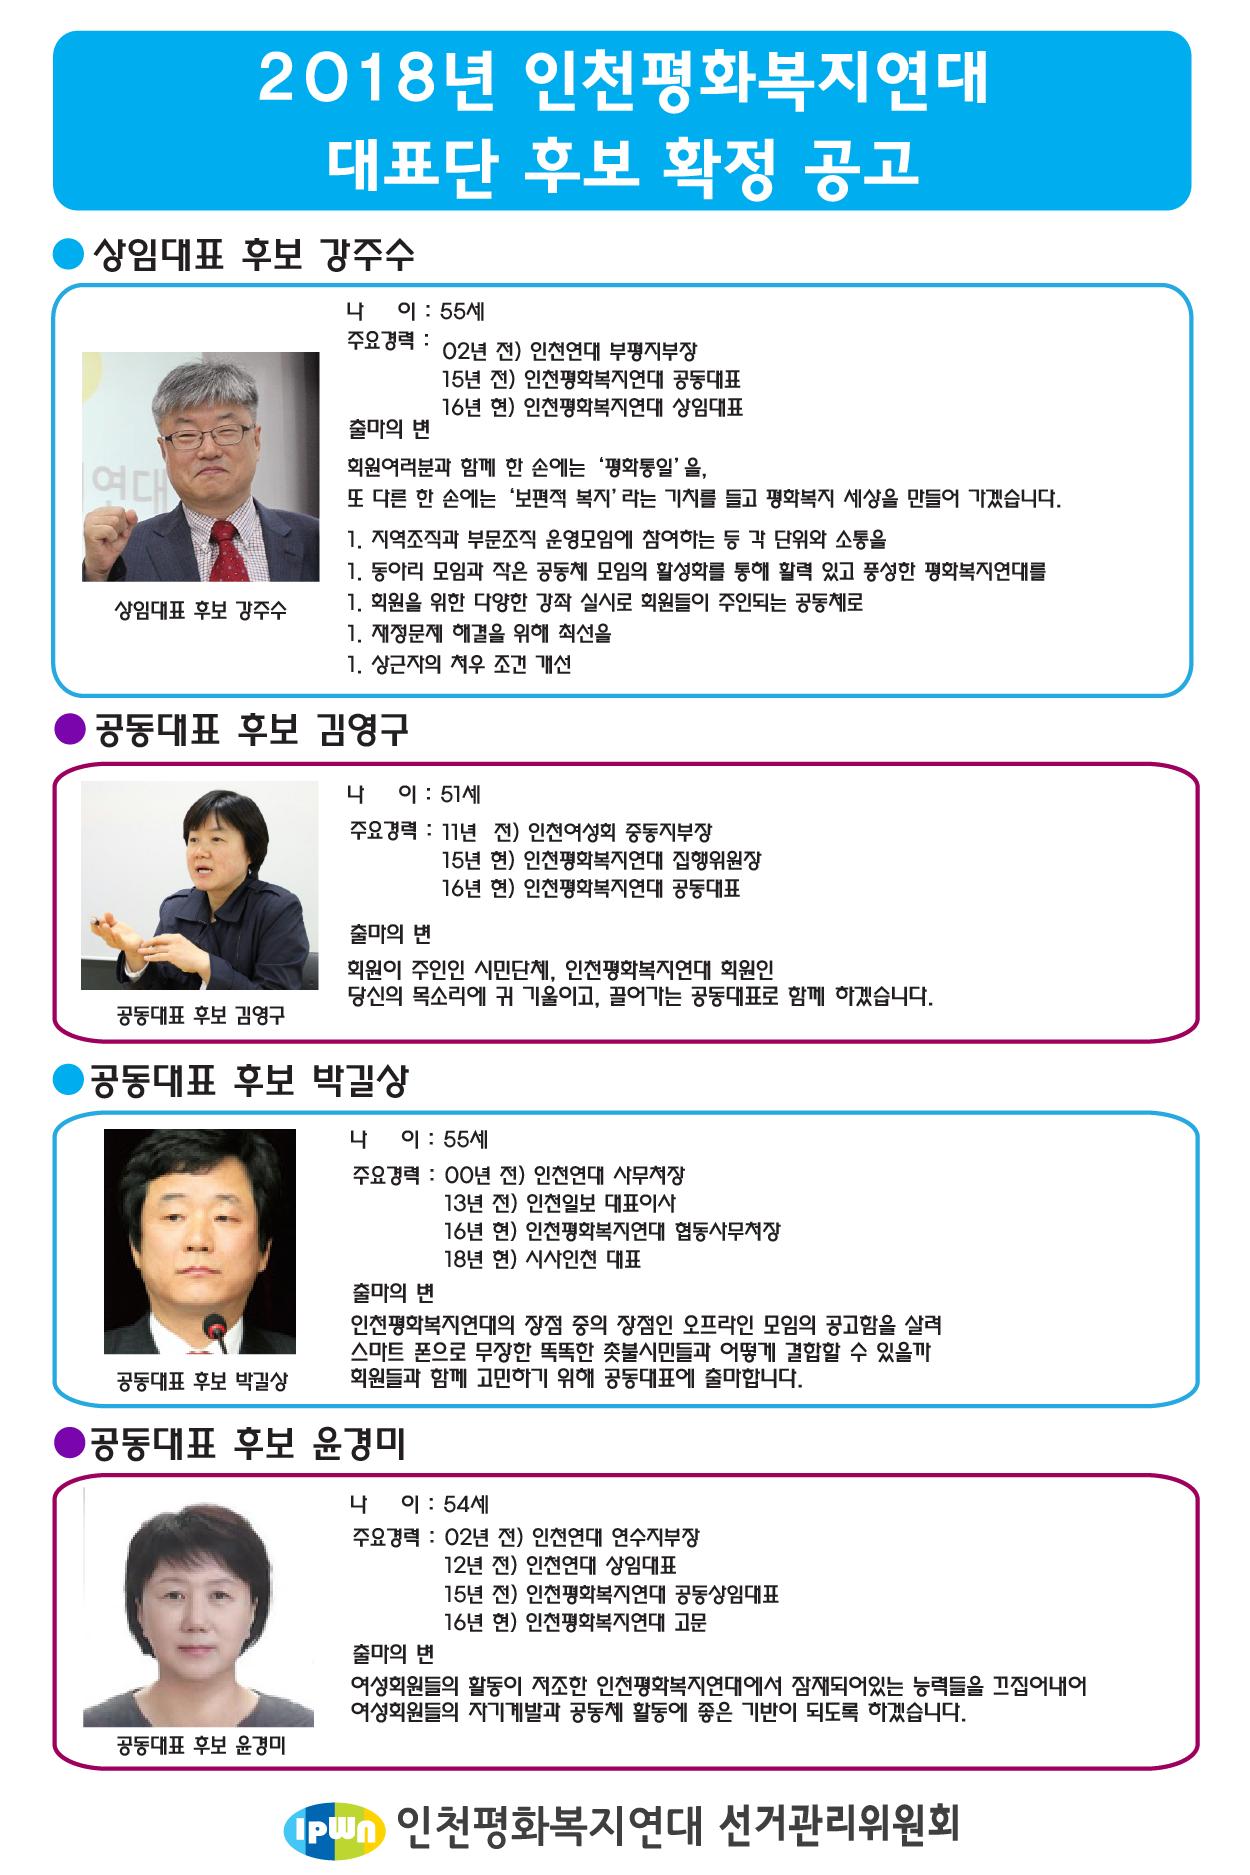 2018인천평화복지연대 대표단 후보 공고.png